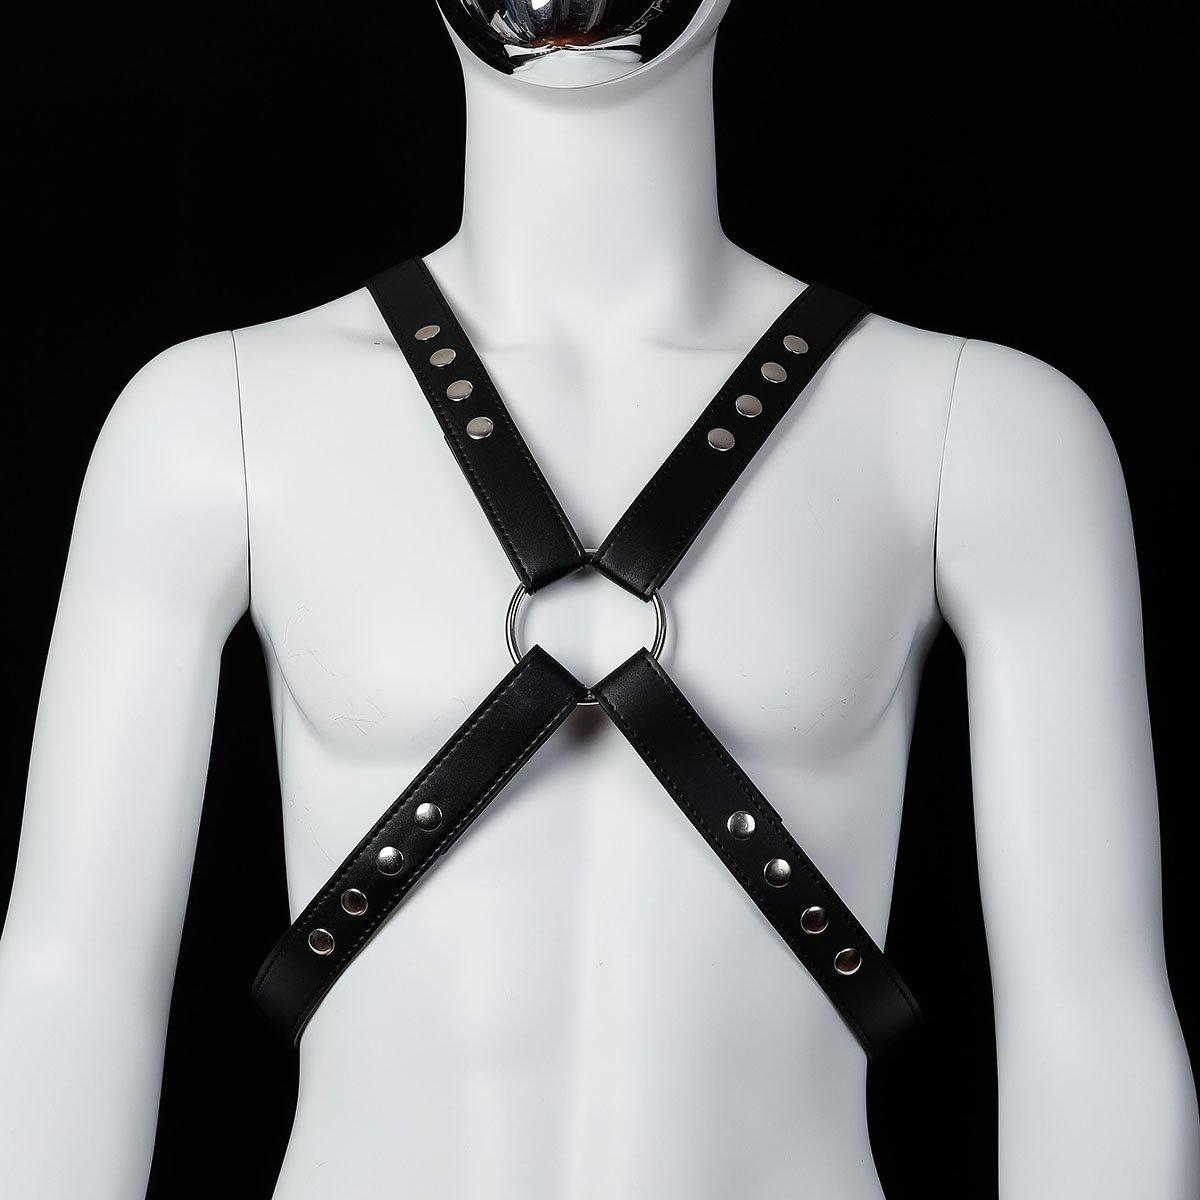 Foto van Banoch - Chest harness Raaf - pu leren harnas voor man